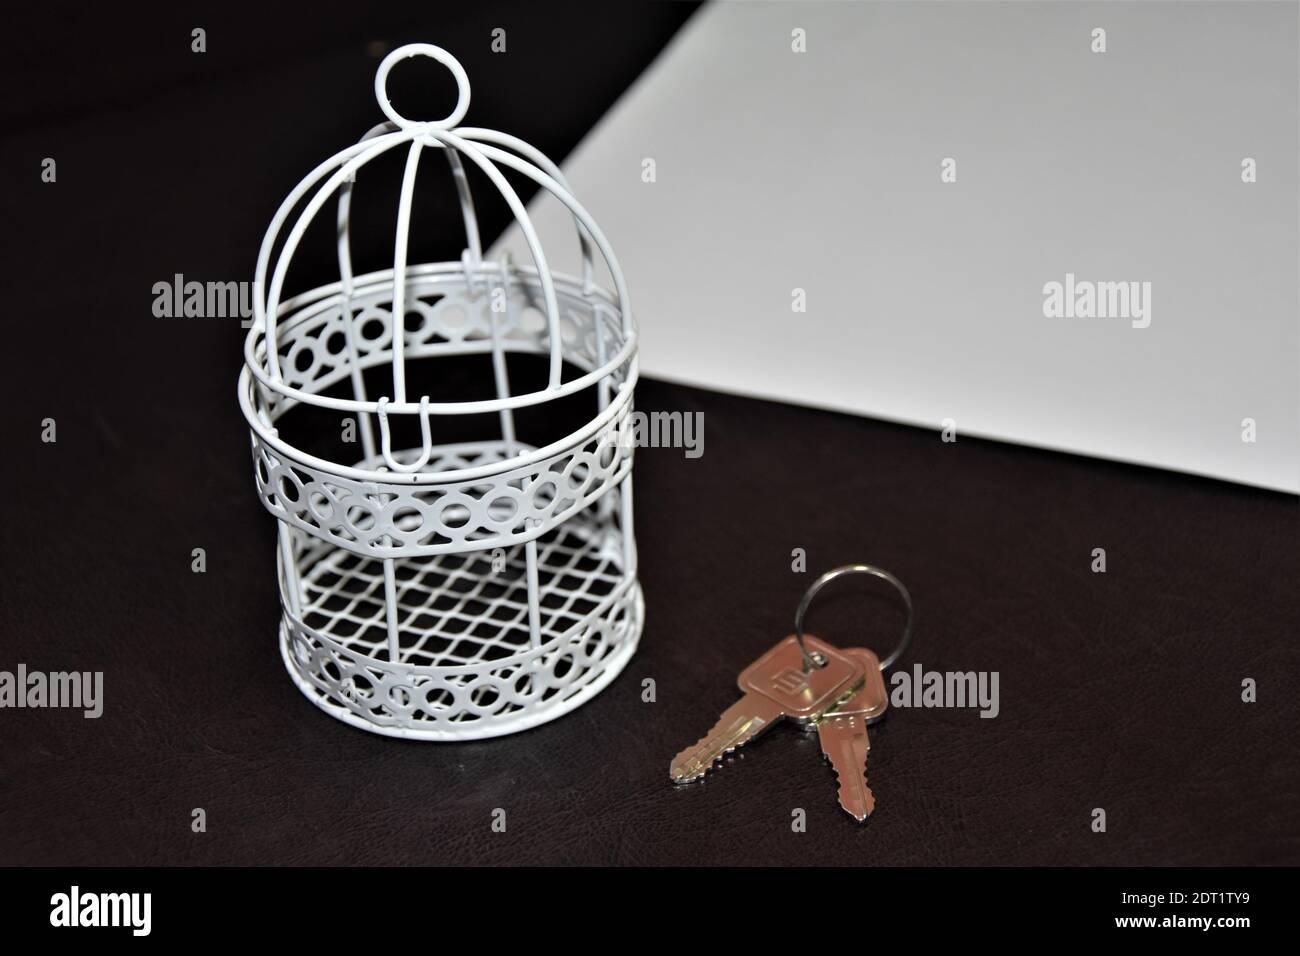 Vue en grand angle de la cage blanche et des clés sur fond noir Banque D'Images